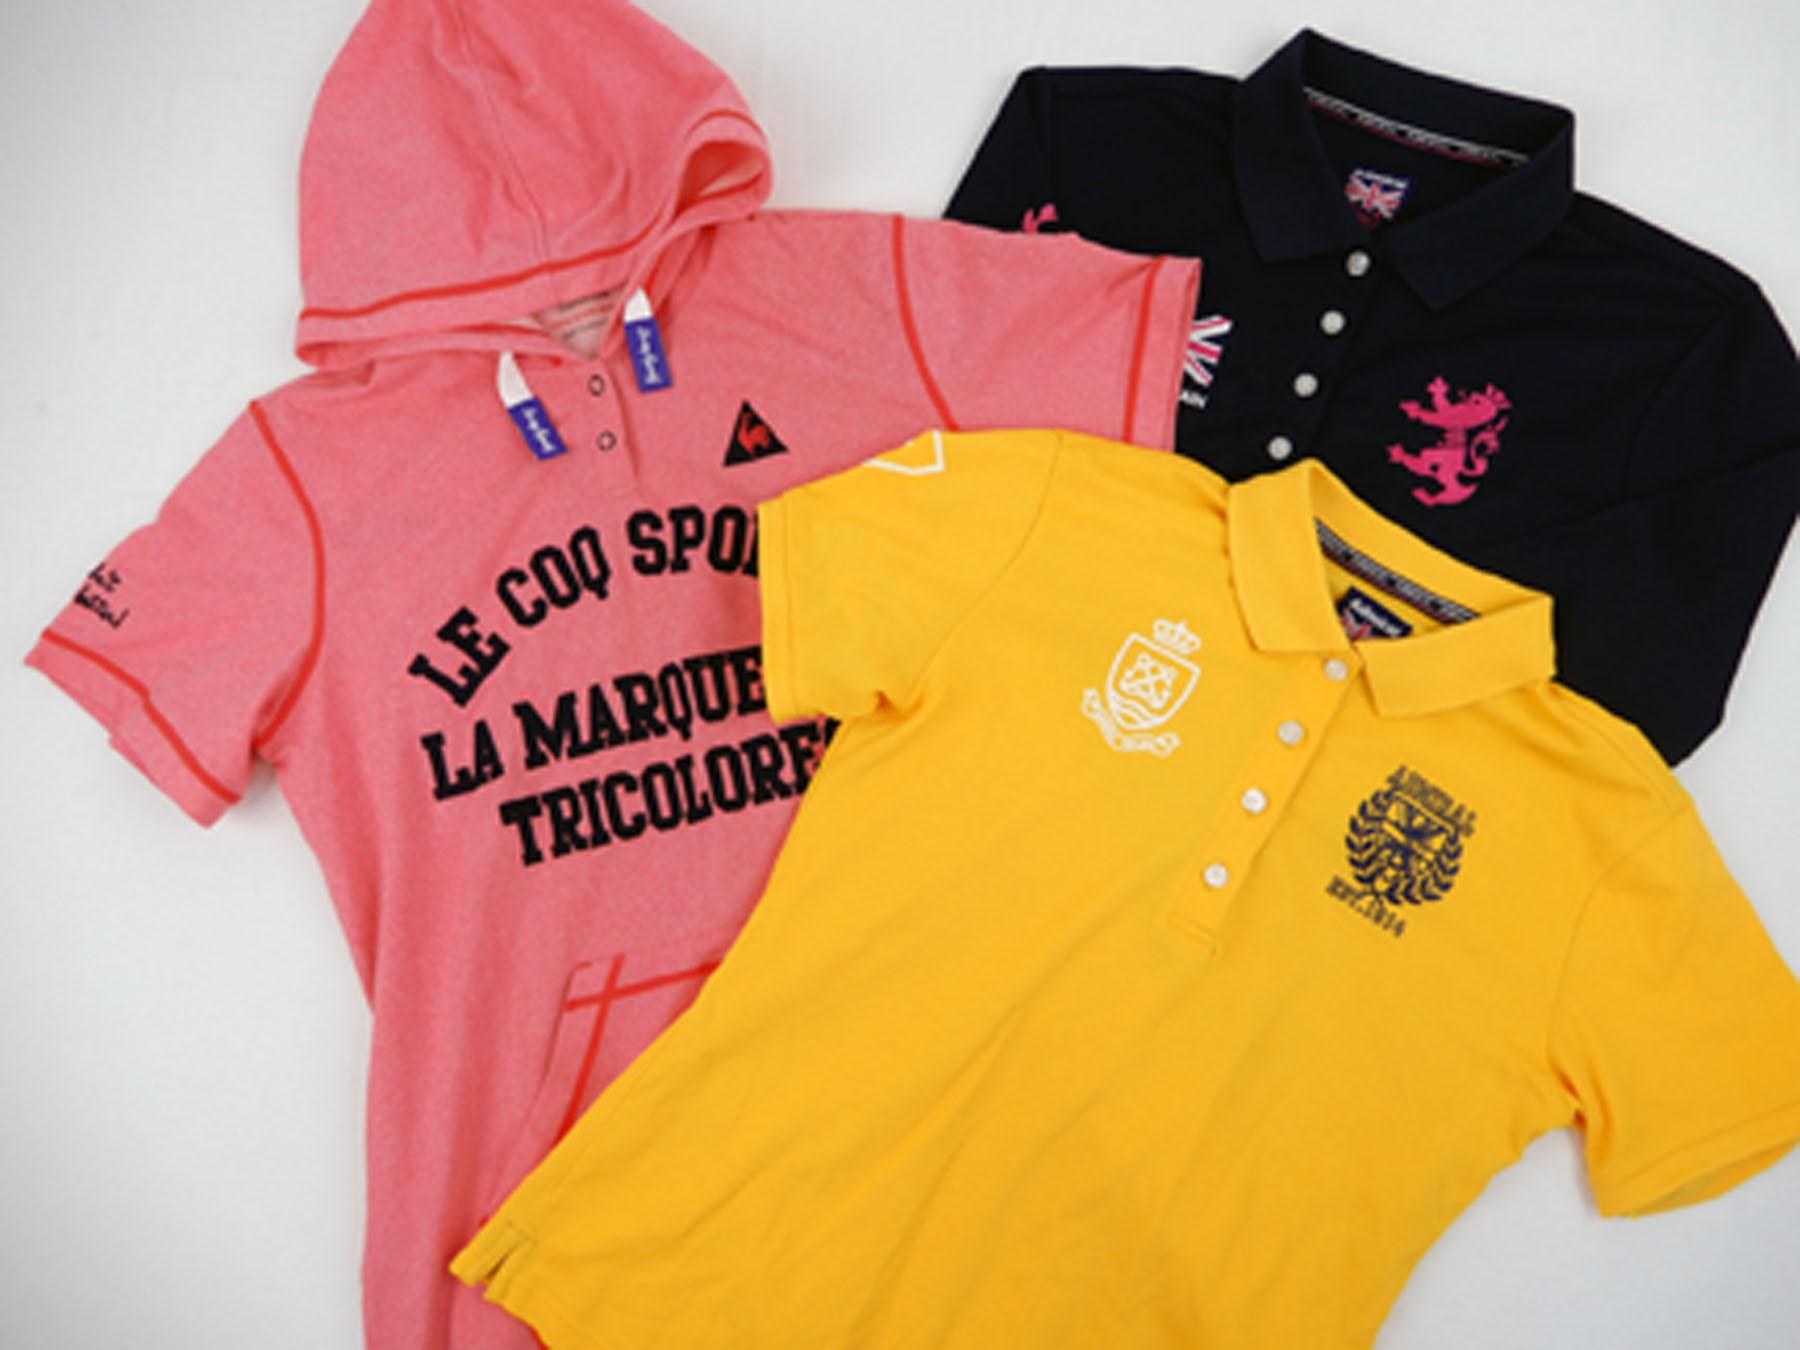 ゴルフウェアの買取実績です。ルコックの半袖パーカーワンピース(ピンク)とアドミラルのブラックポロシャツとイエローポロシャツを買取りました。